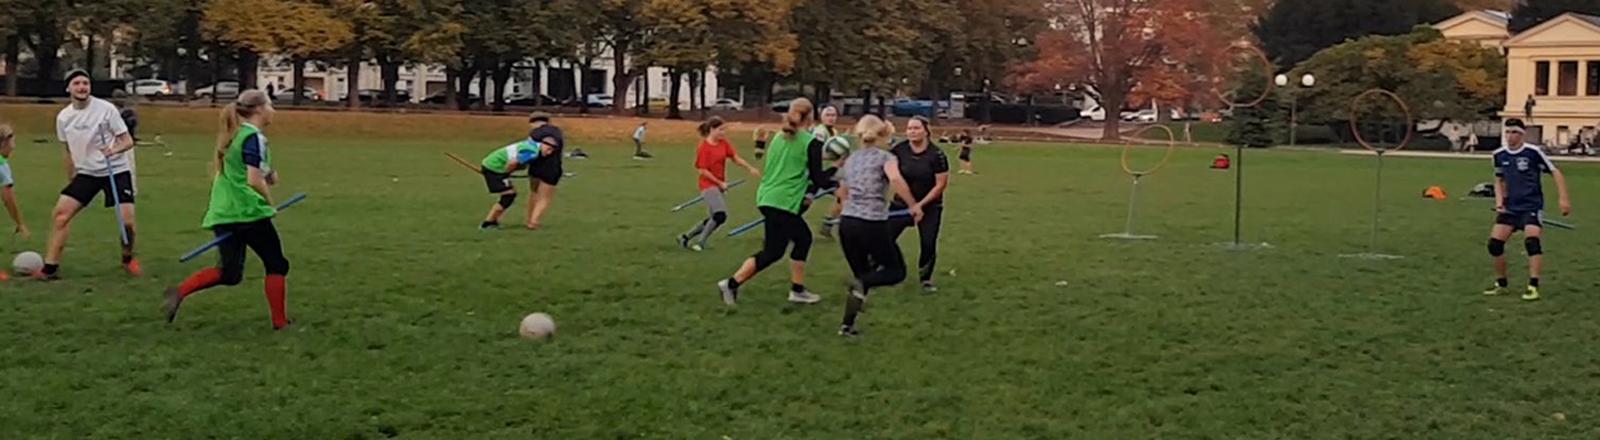 Quidditch-Spieler in Bonn